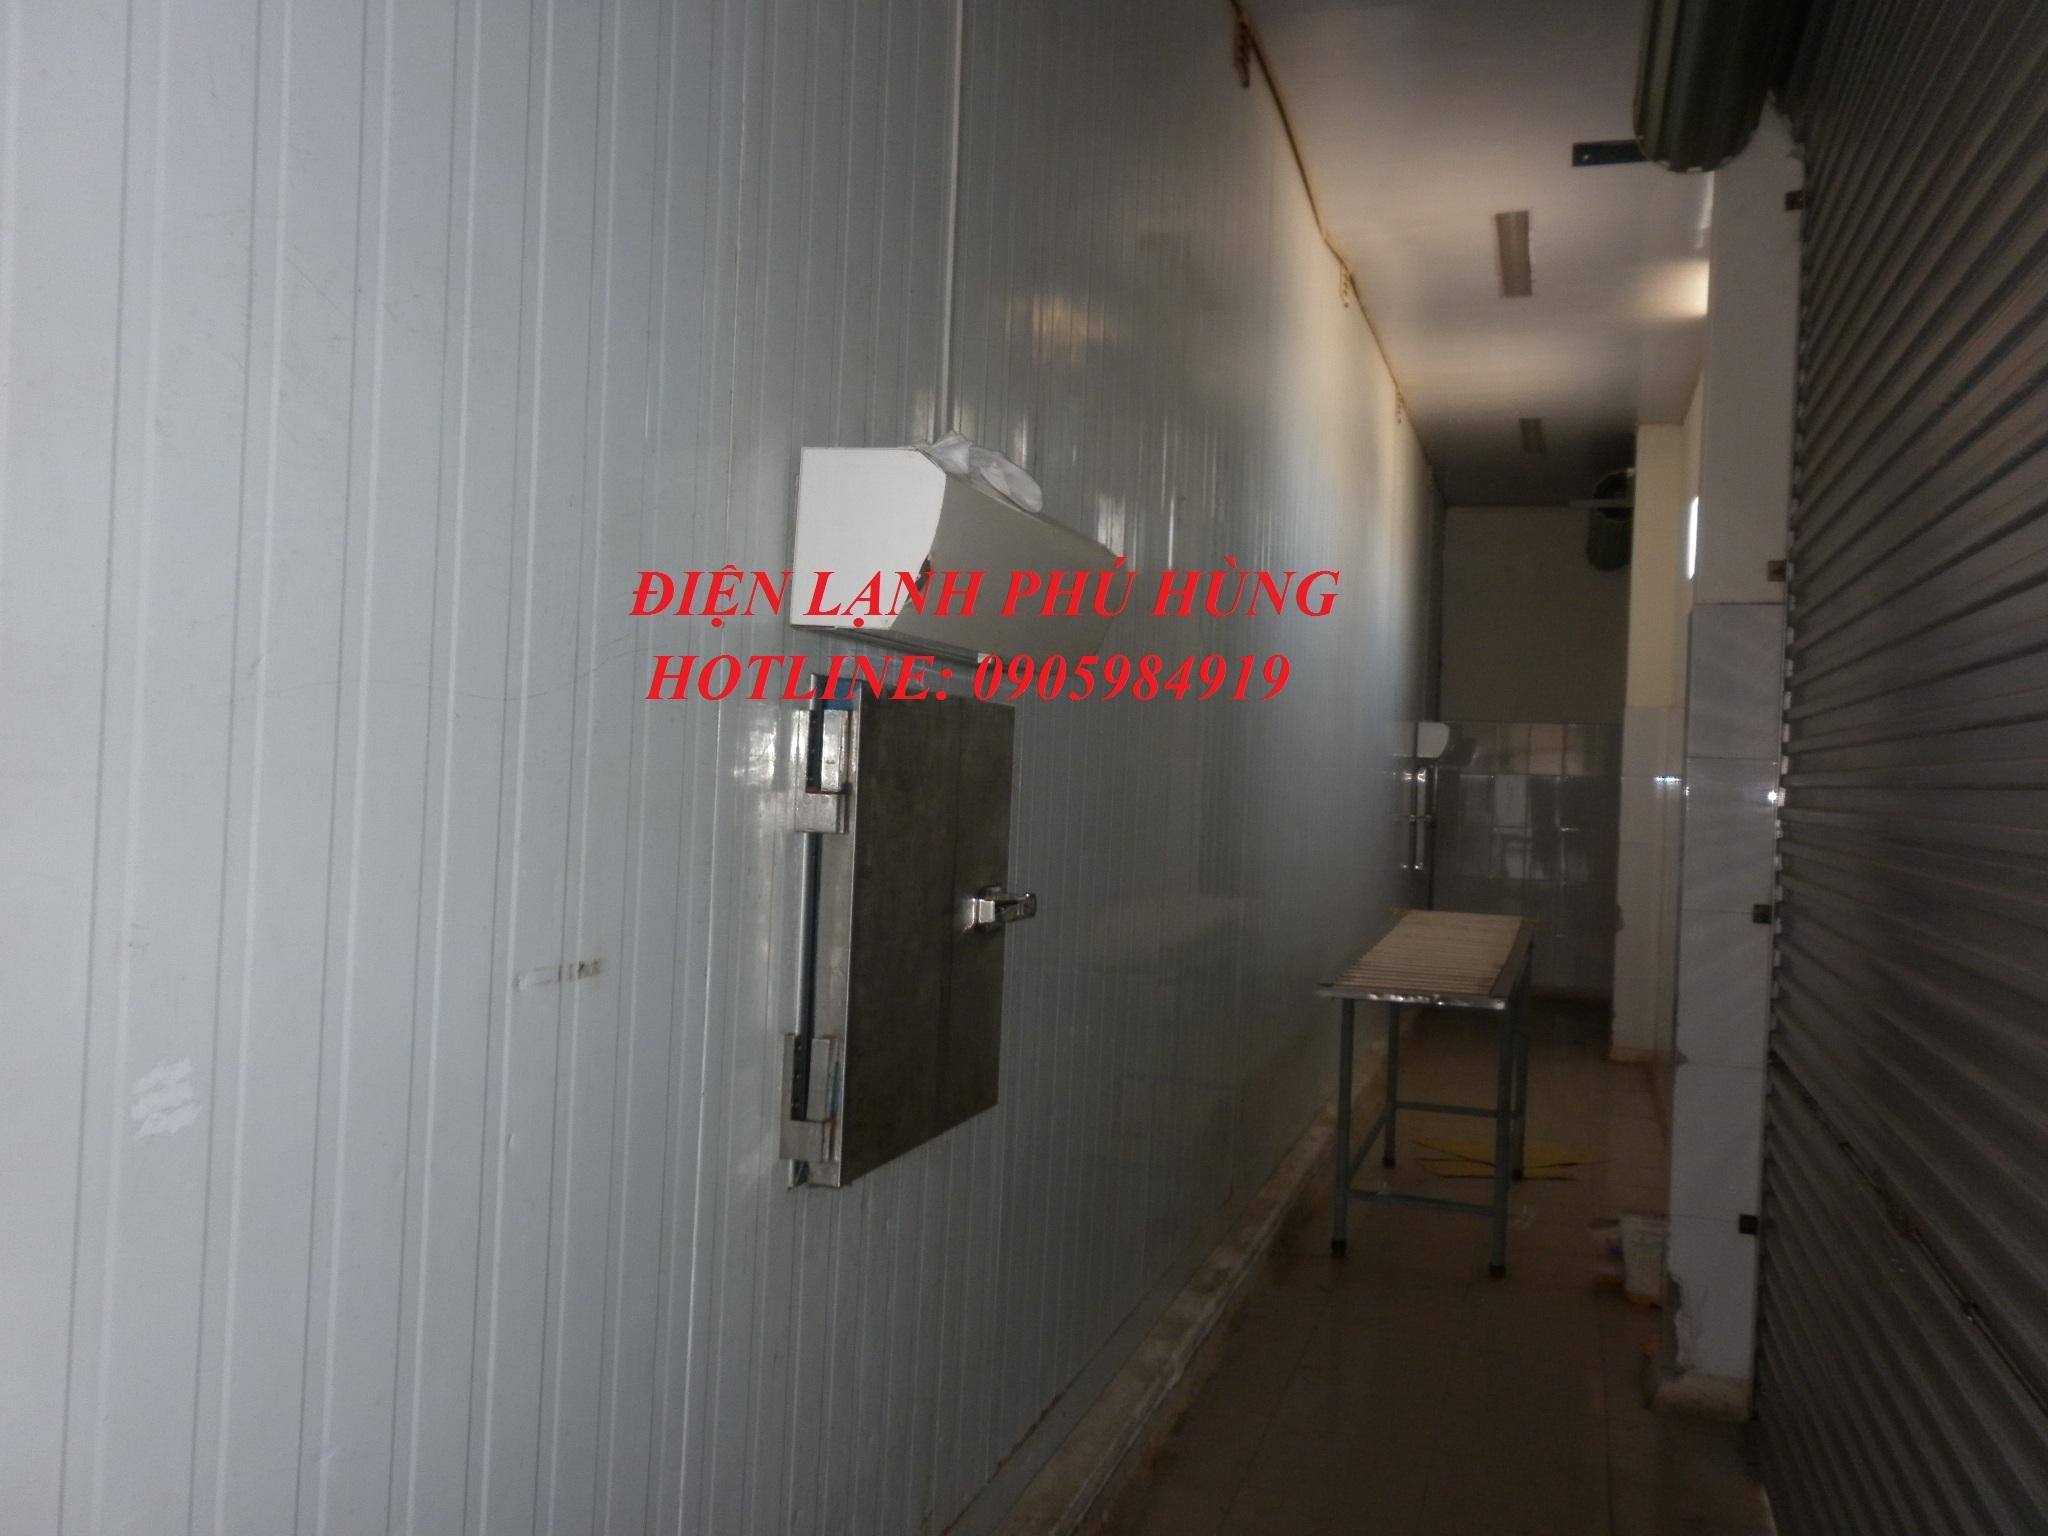 dl ptp3 - Cung cấp hệ thống lạnh cho nhà máy thủy sản Phước Tâm Phát